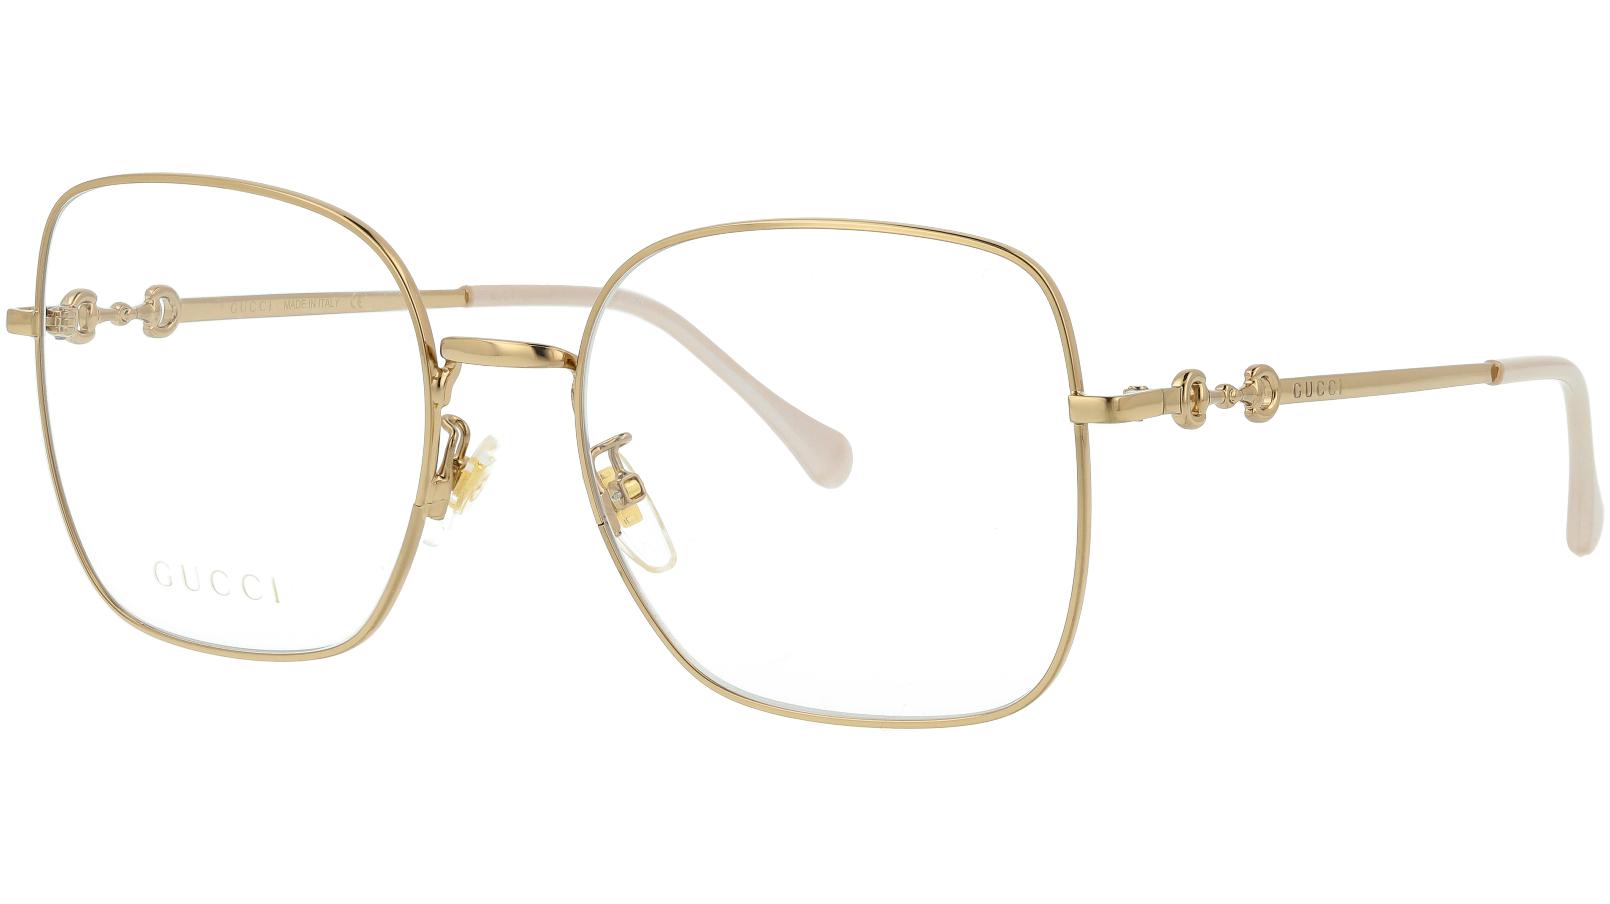 Gucci GG0883OA 001 55 Gold Square Glasses